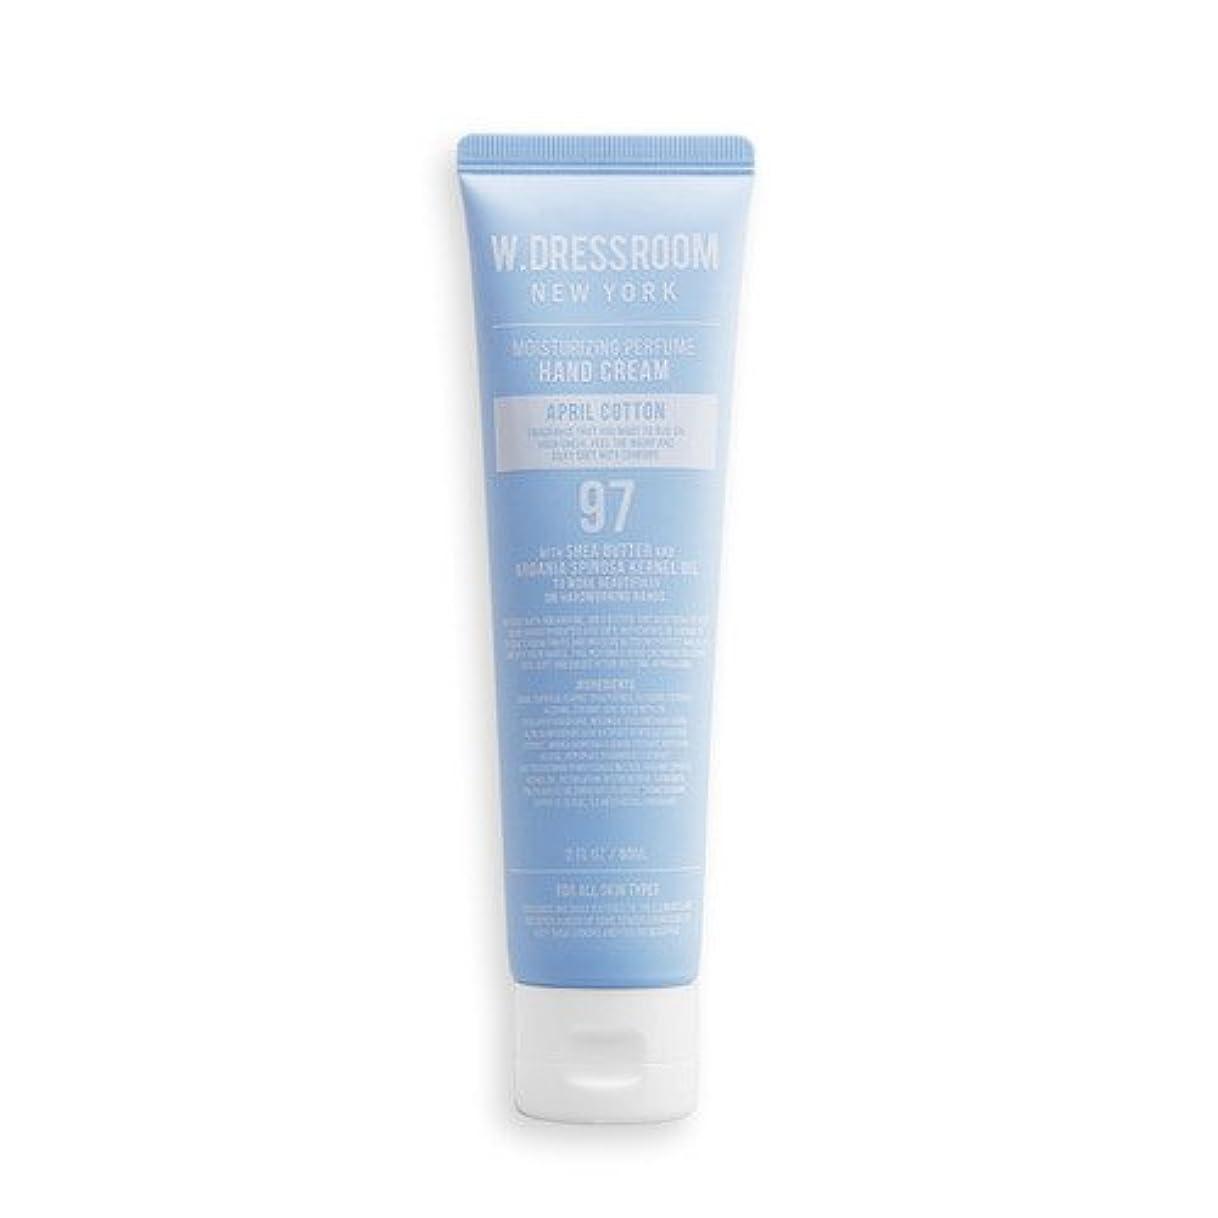 やさしい初期の必須W.DRESSROOM Moisturizing Perfume Hand Cream 60ml/ダブルドレスルーム モイスチャライジング パフューム ハンドクリーム 60ml (#No.97 April Cotton)...